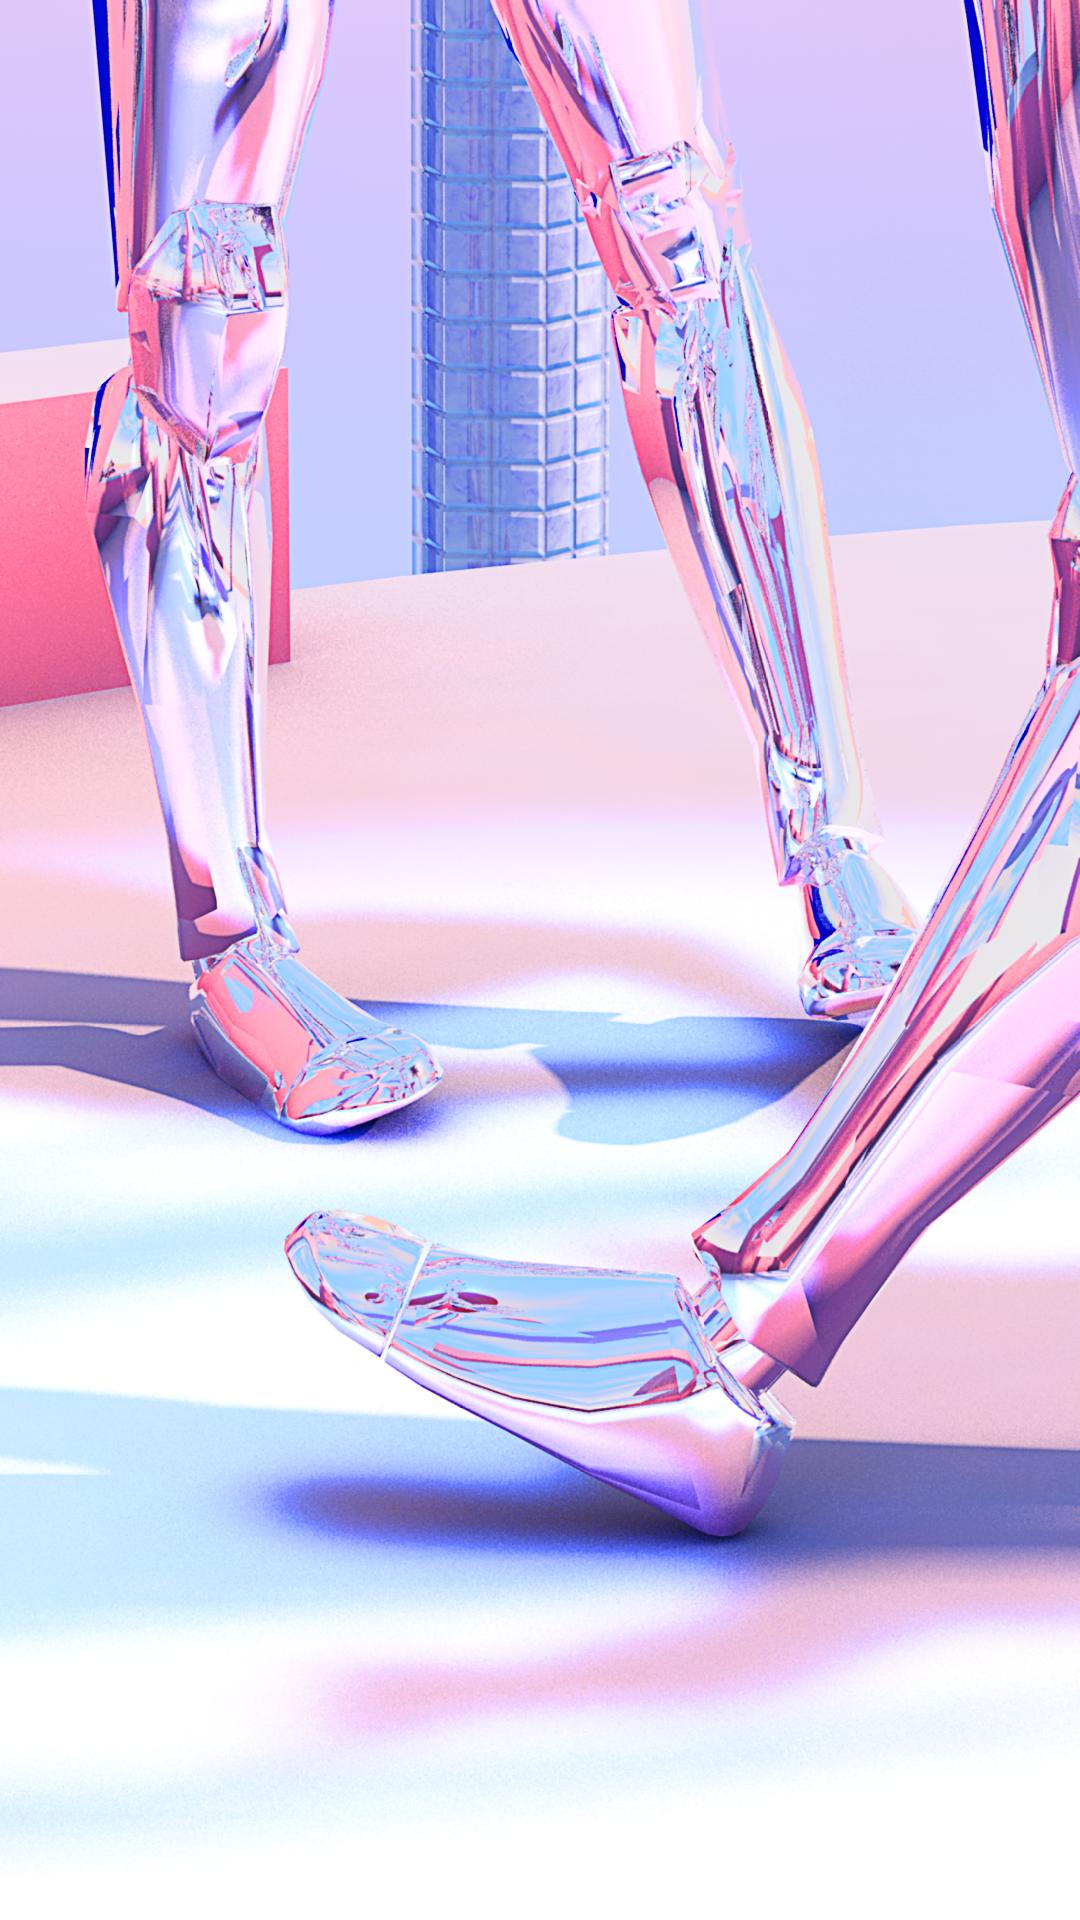 foots0280